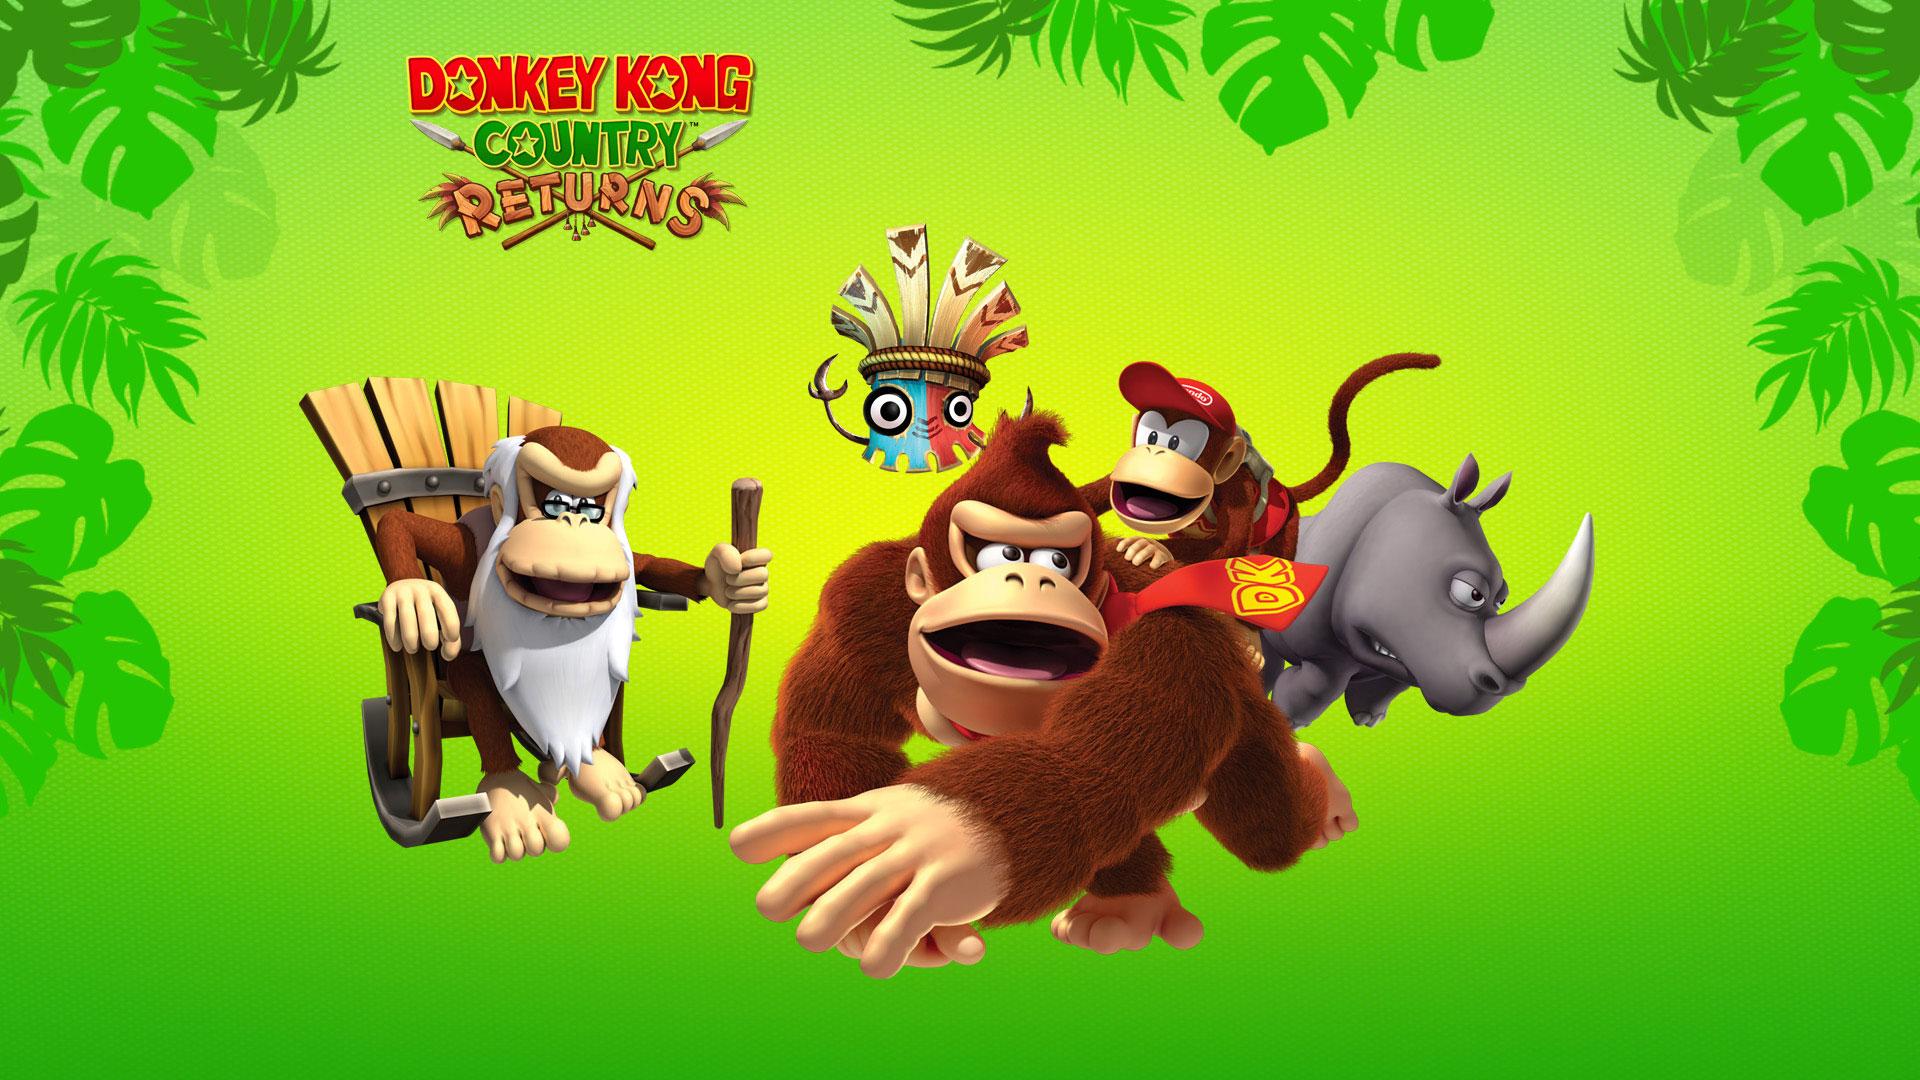 Donkey Kong Country Returns Fondo De Pantalla Hd Fondo De